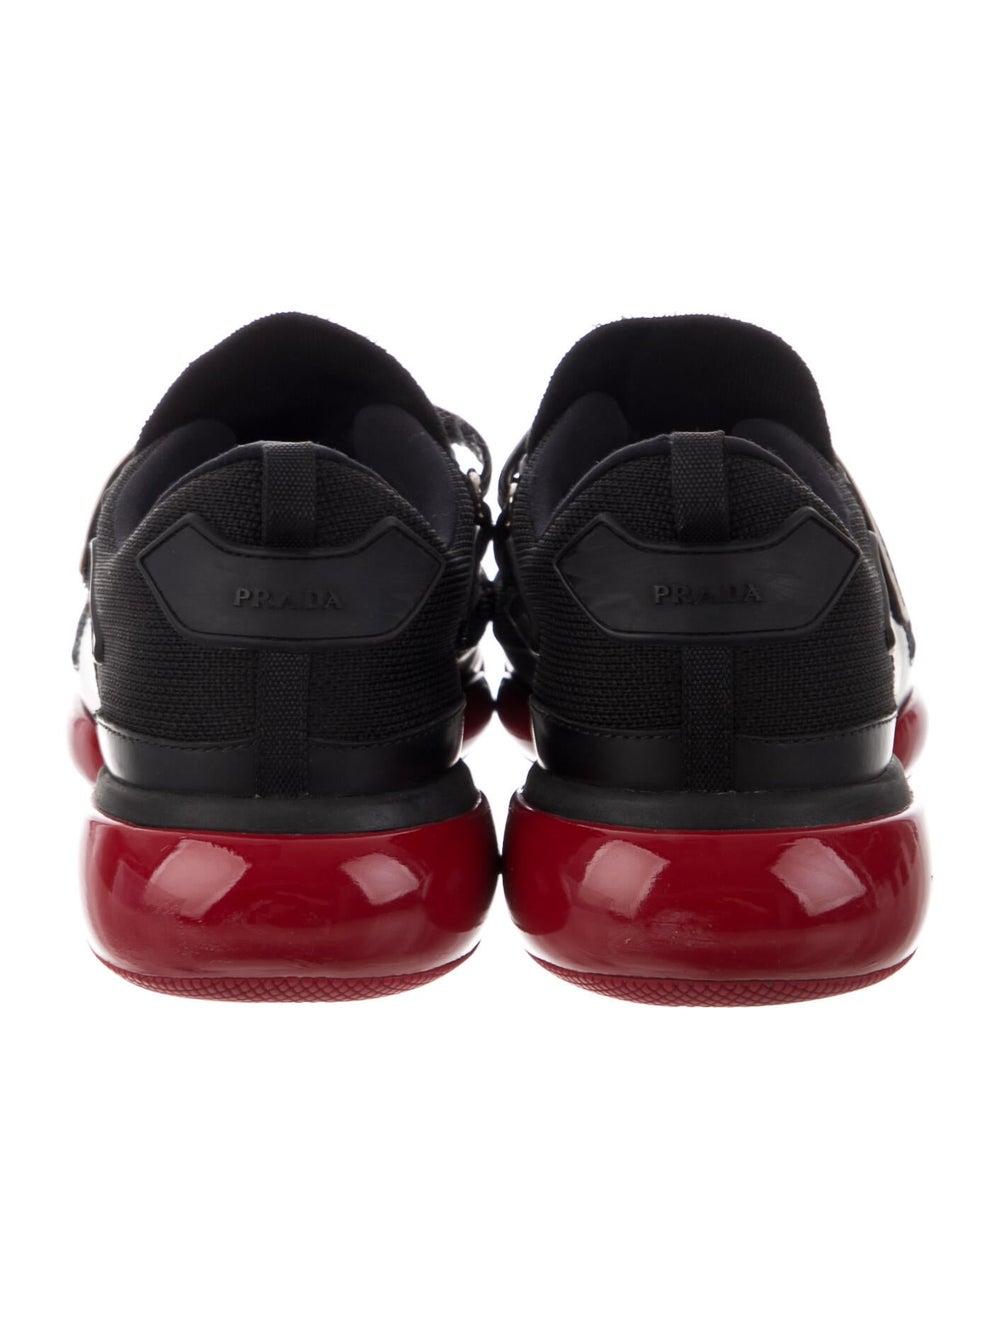 Prada Sneakers Black - image 4